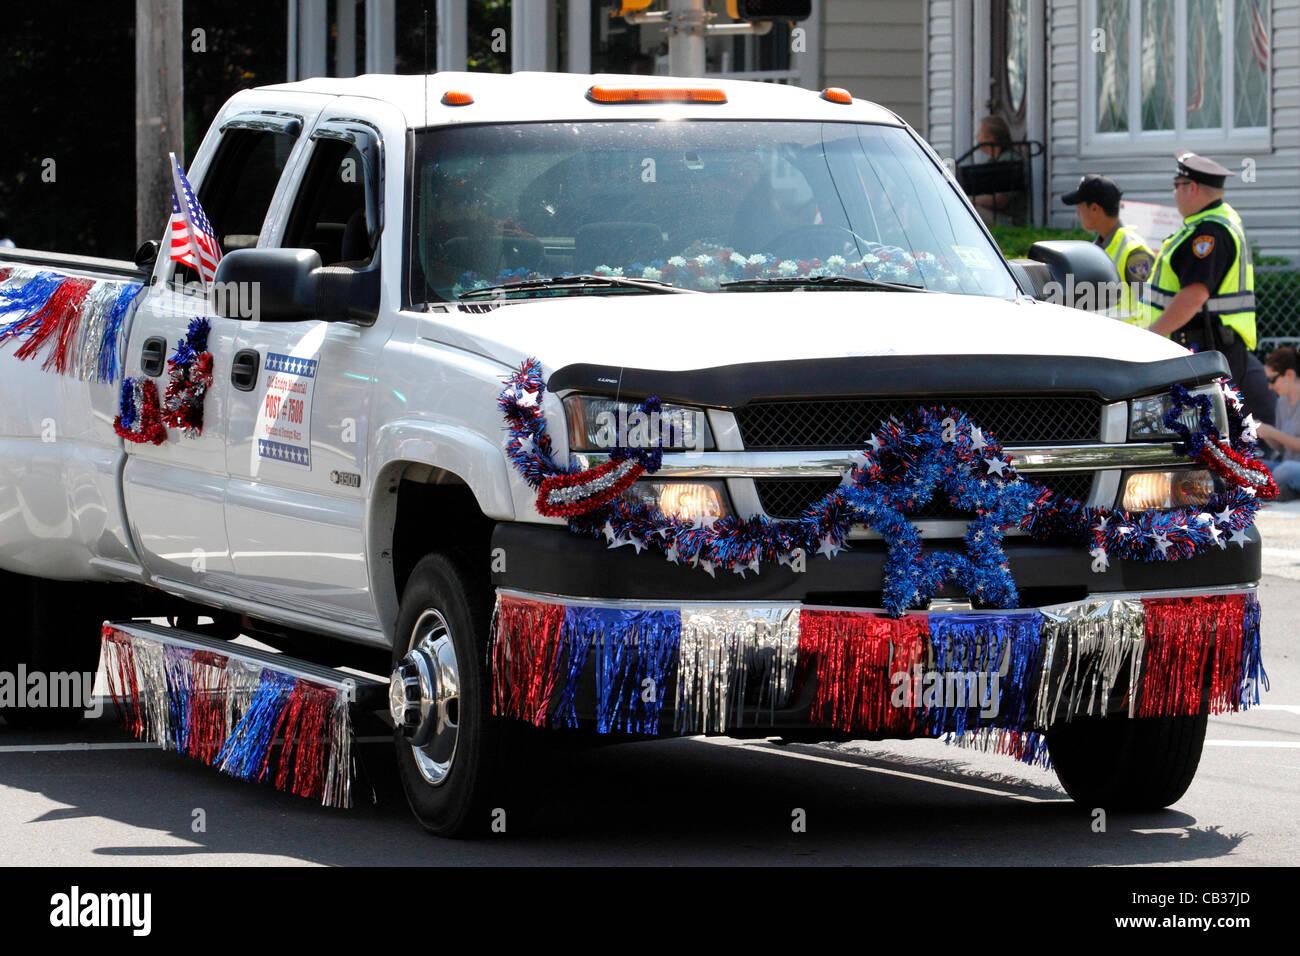 Pickup Truck In Rot Weiss Und Blau Reprasentieren Die Veterans Of